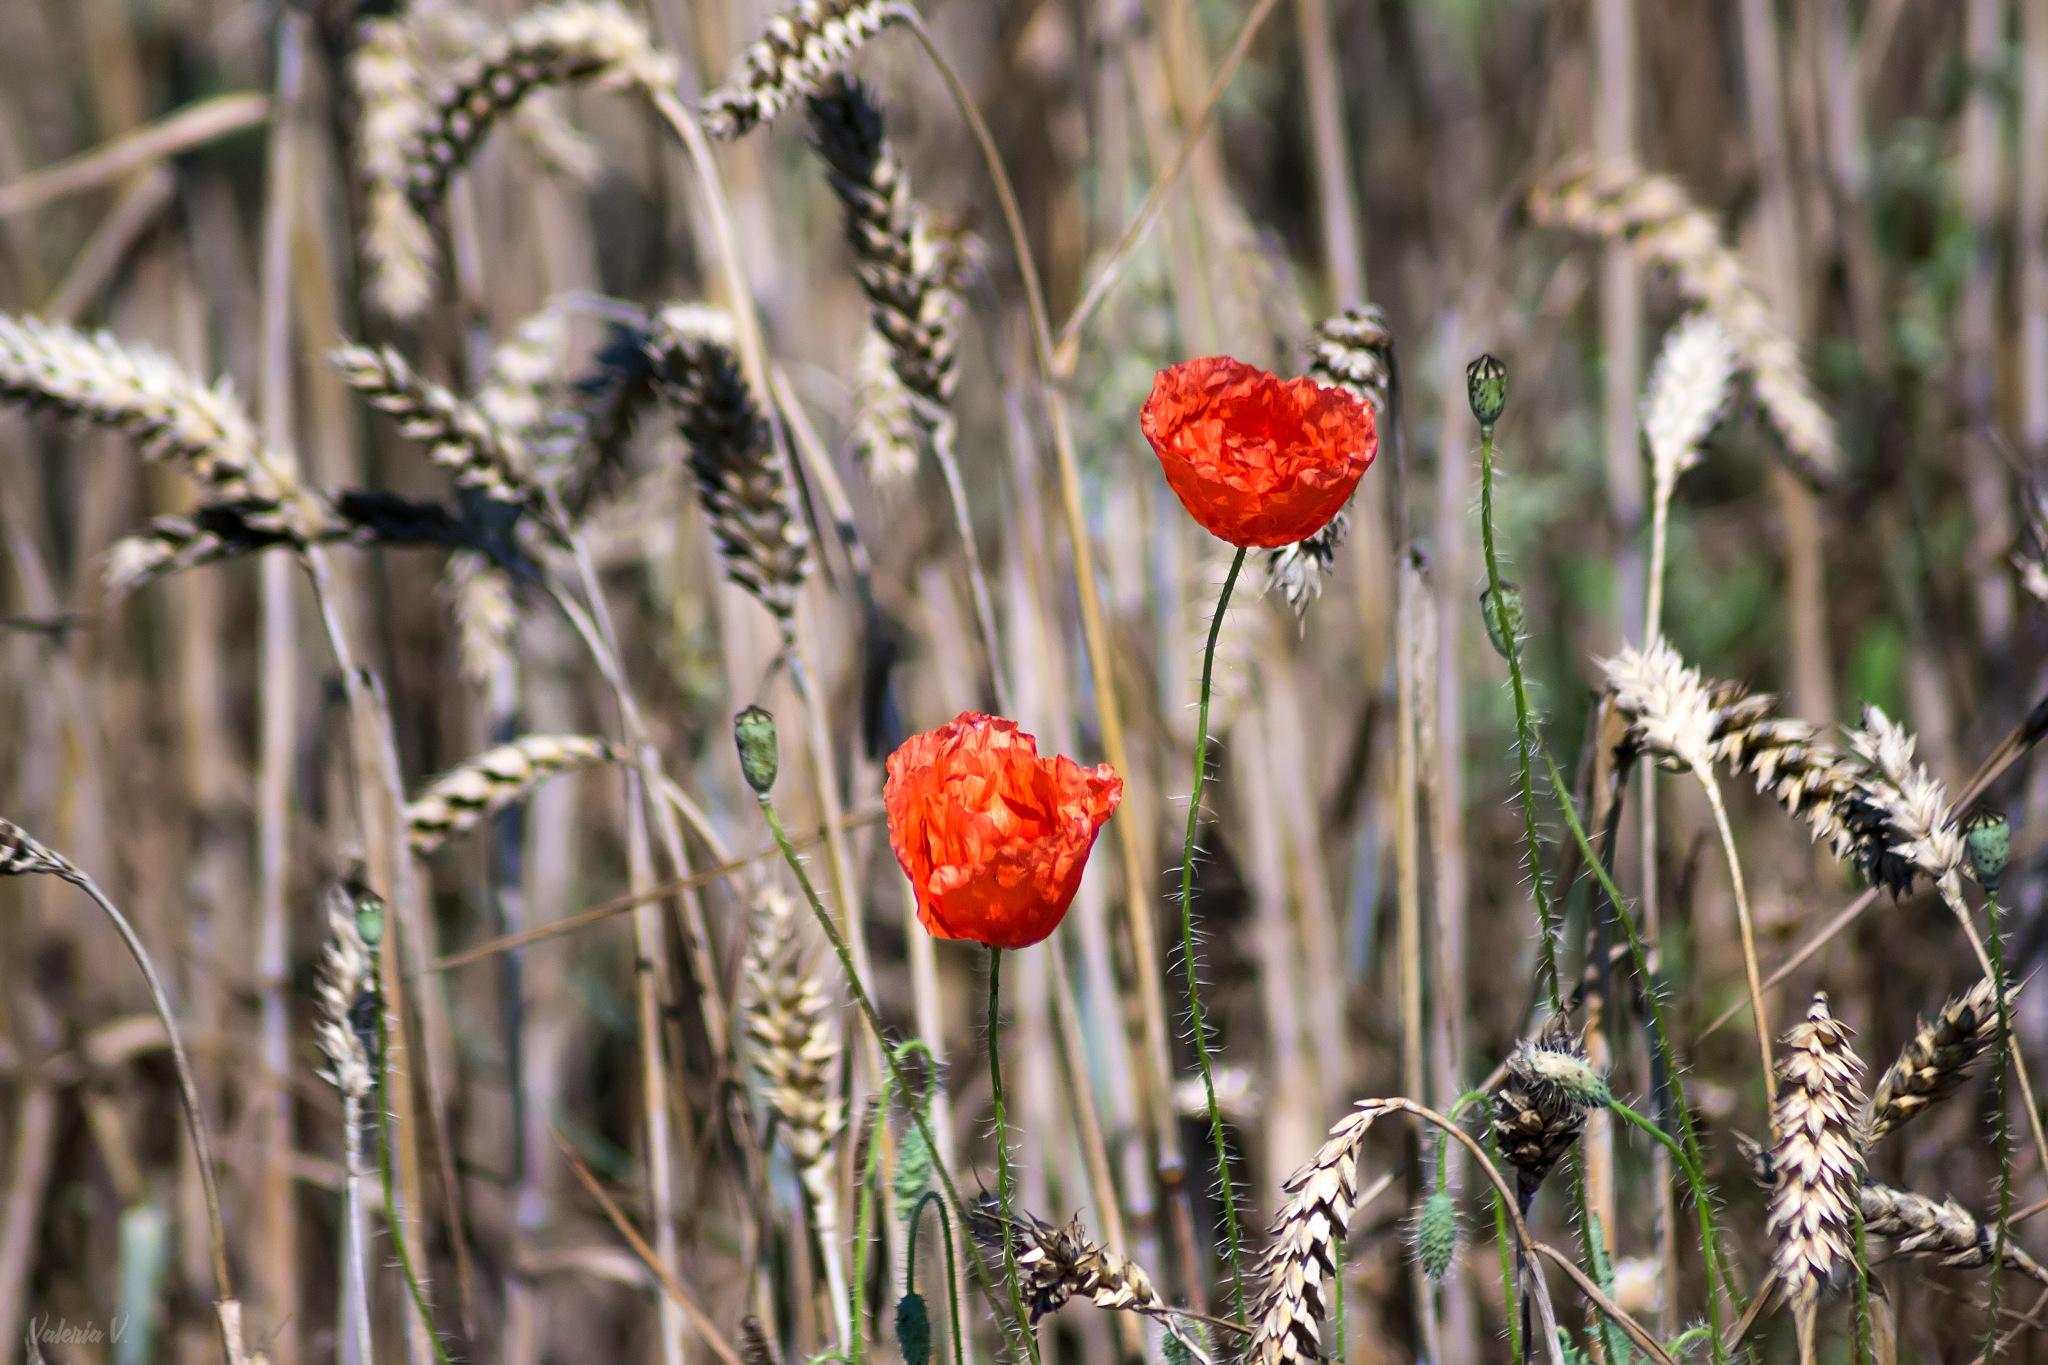 Poppy by Valeria